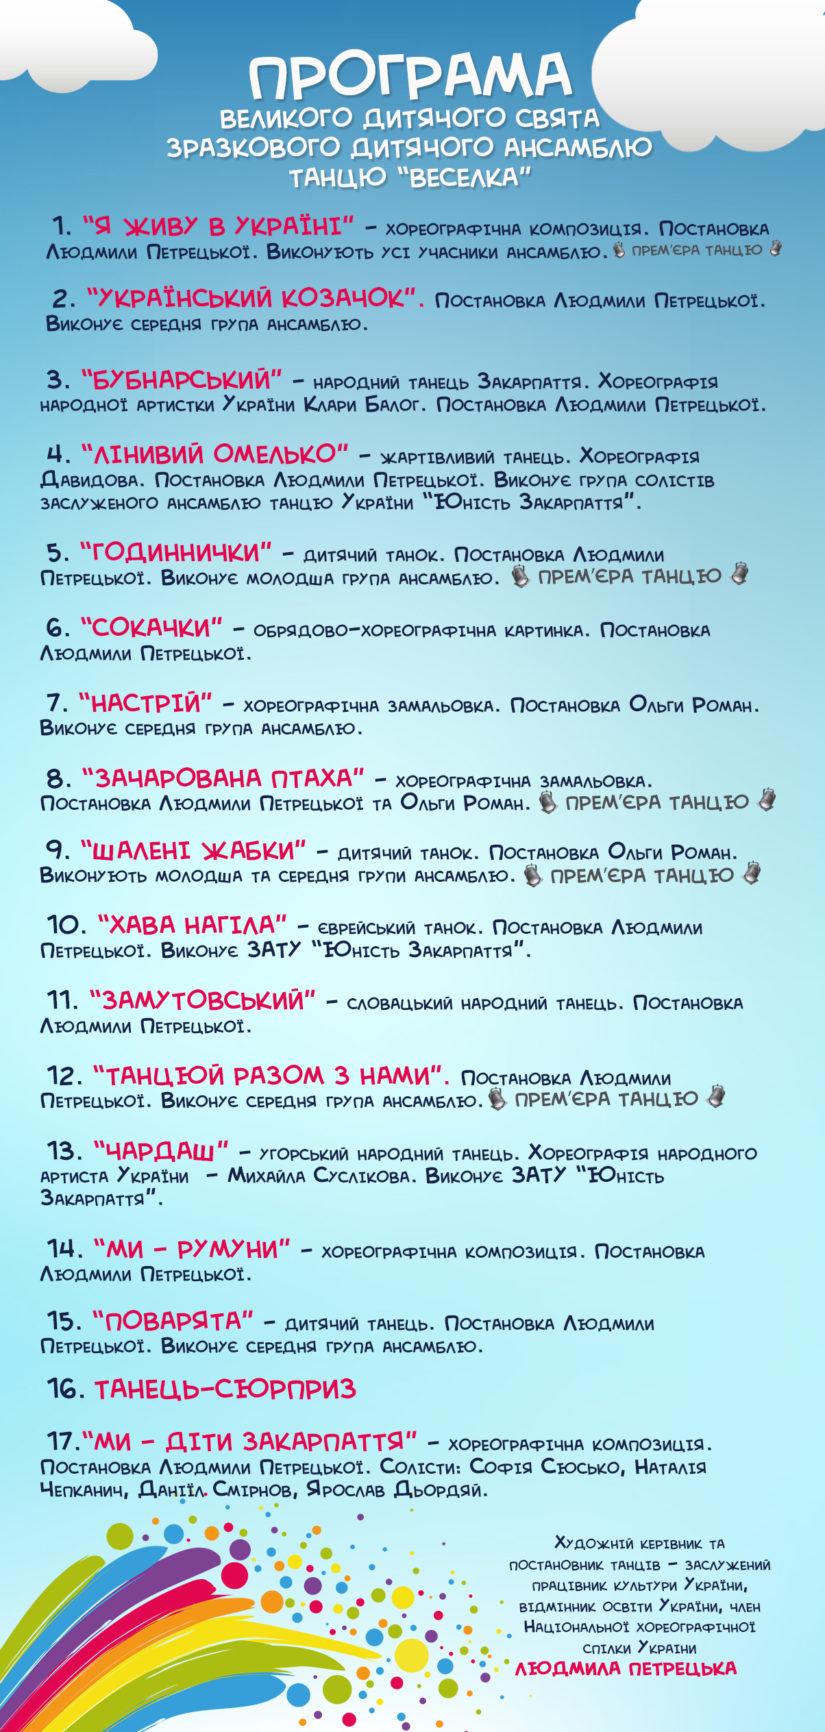 """В Ужгороді гучно відзначатимуть ювілей """"Веселки"""" (Програма)"""